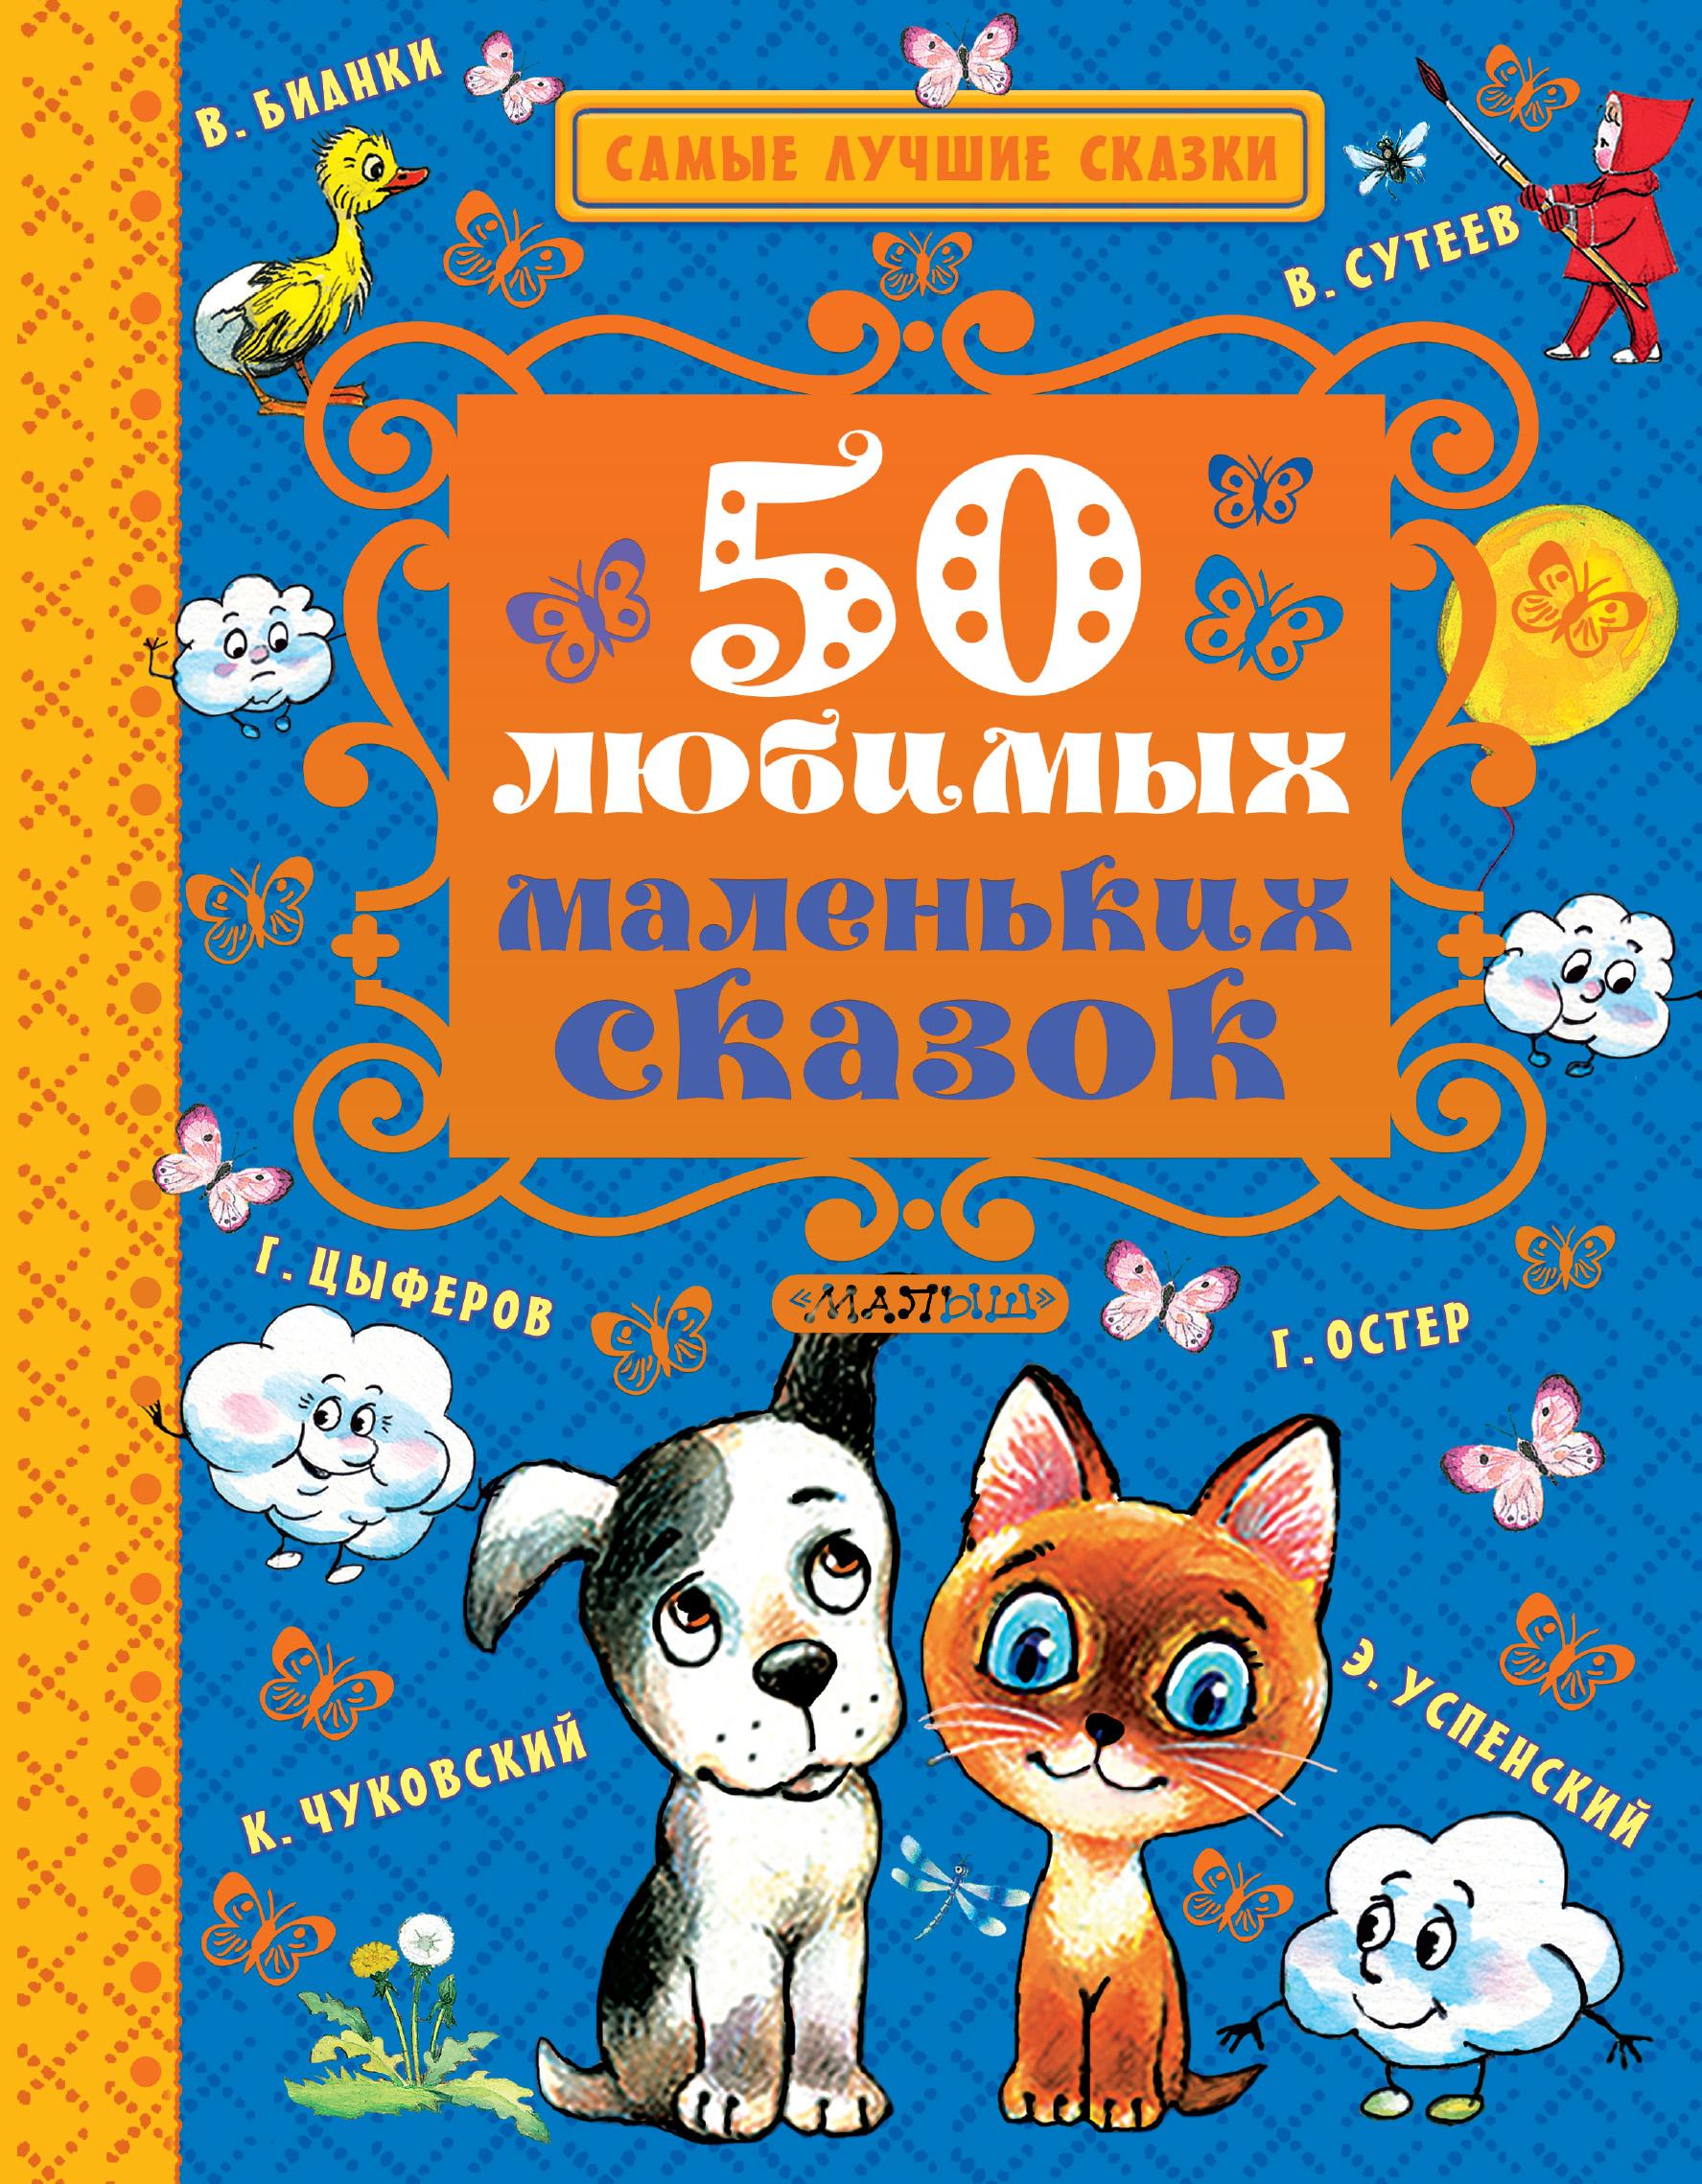 . 50 любимых маленьких сказок к д ушинский к д ушинский рассказы и сказки